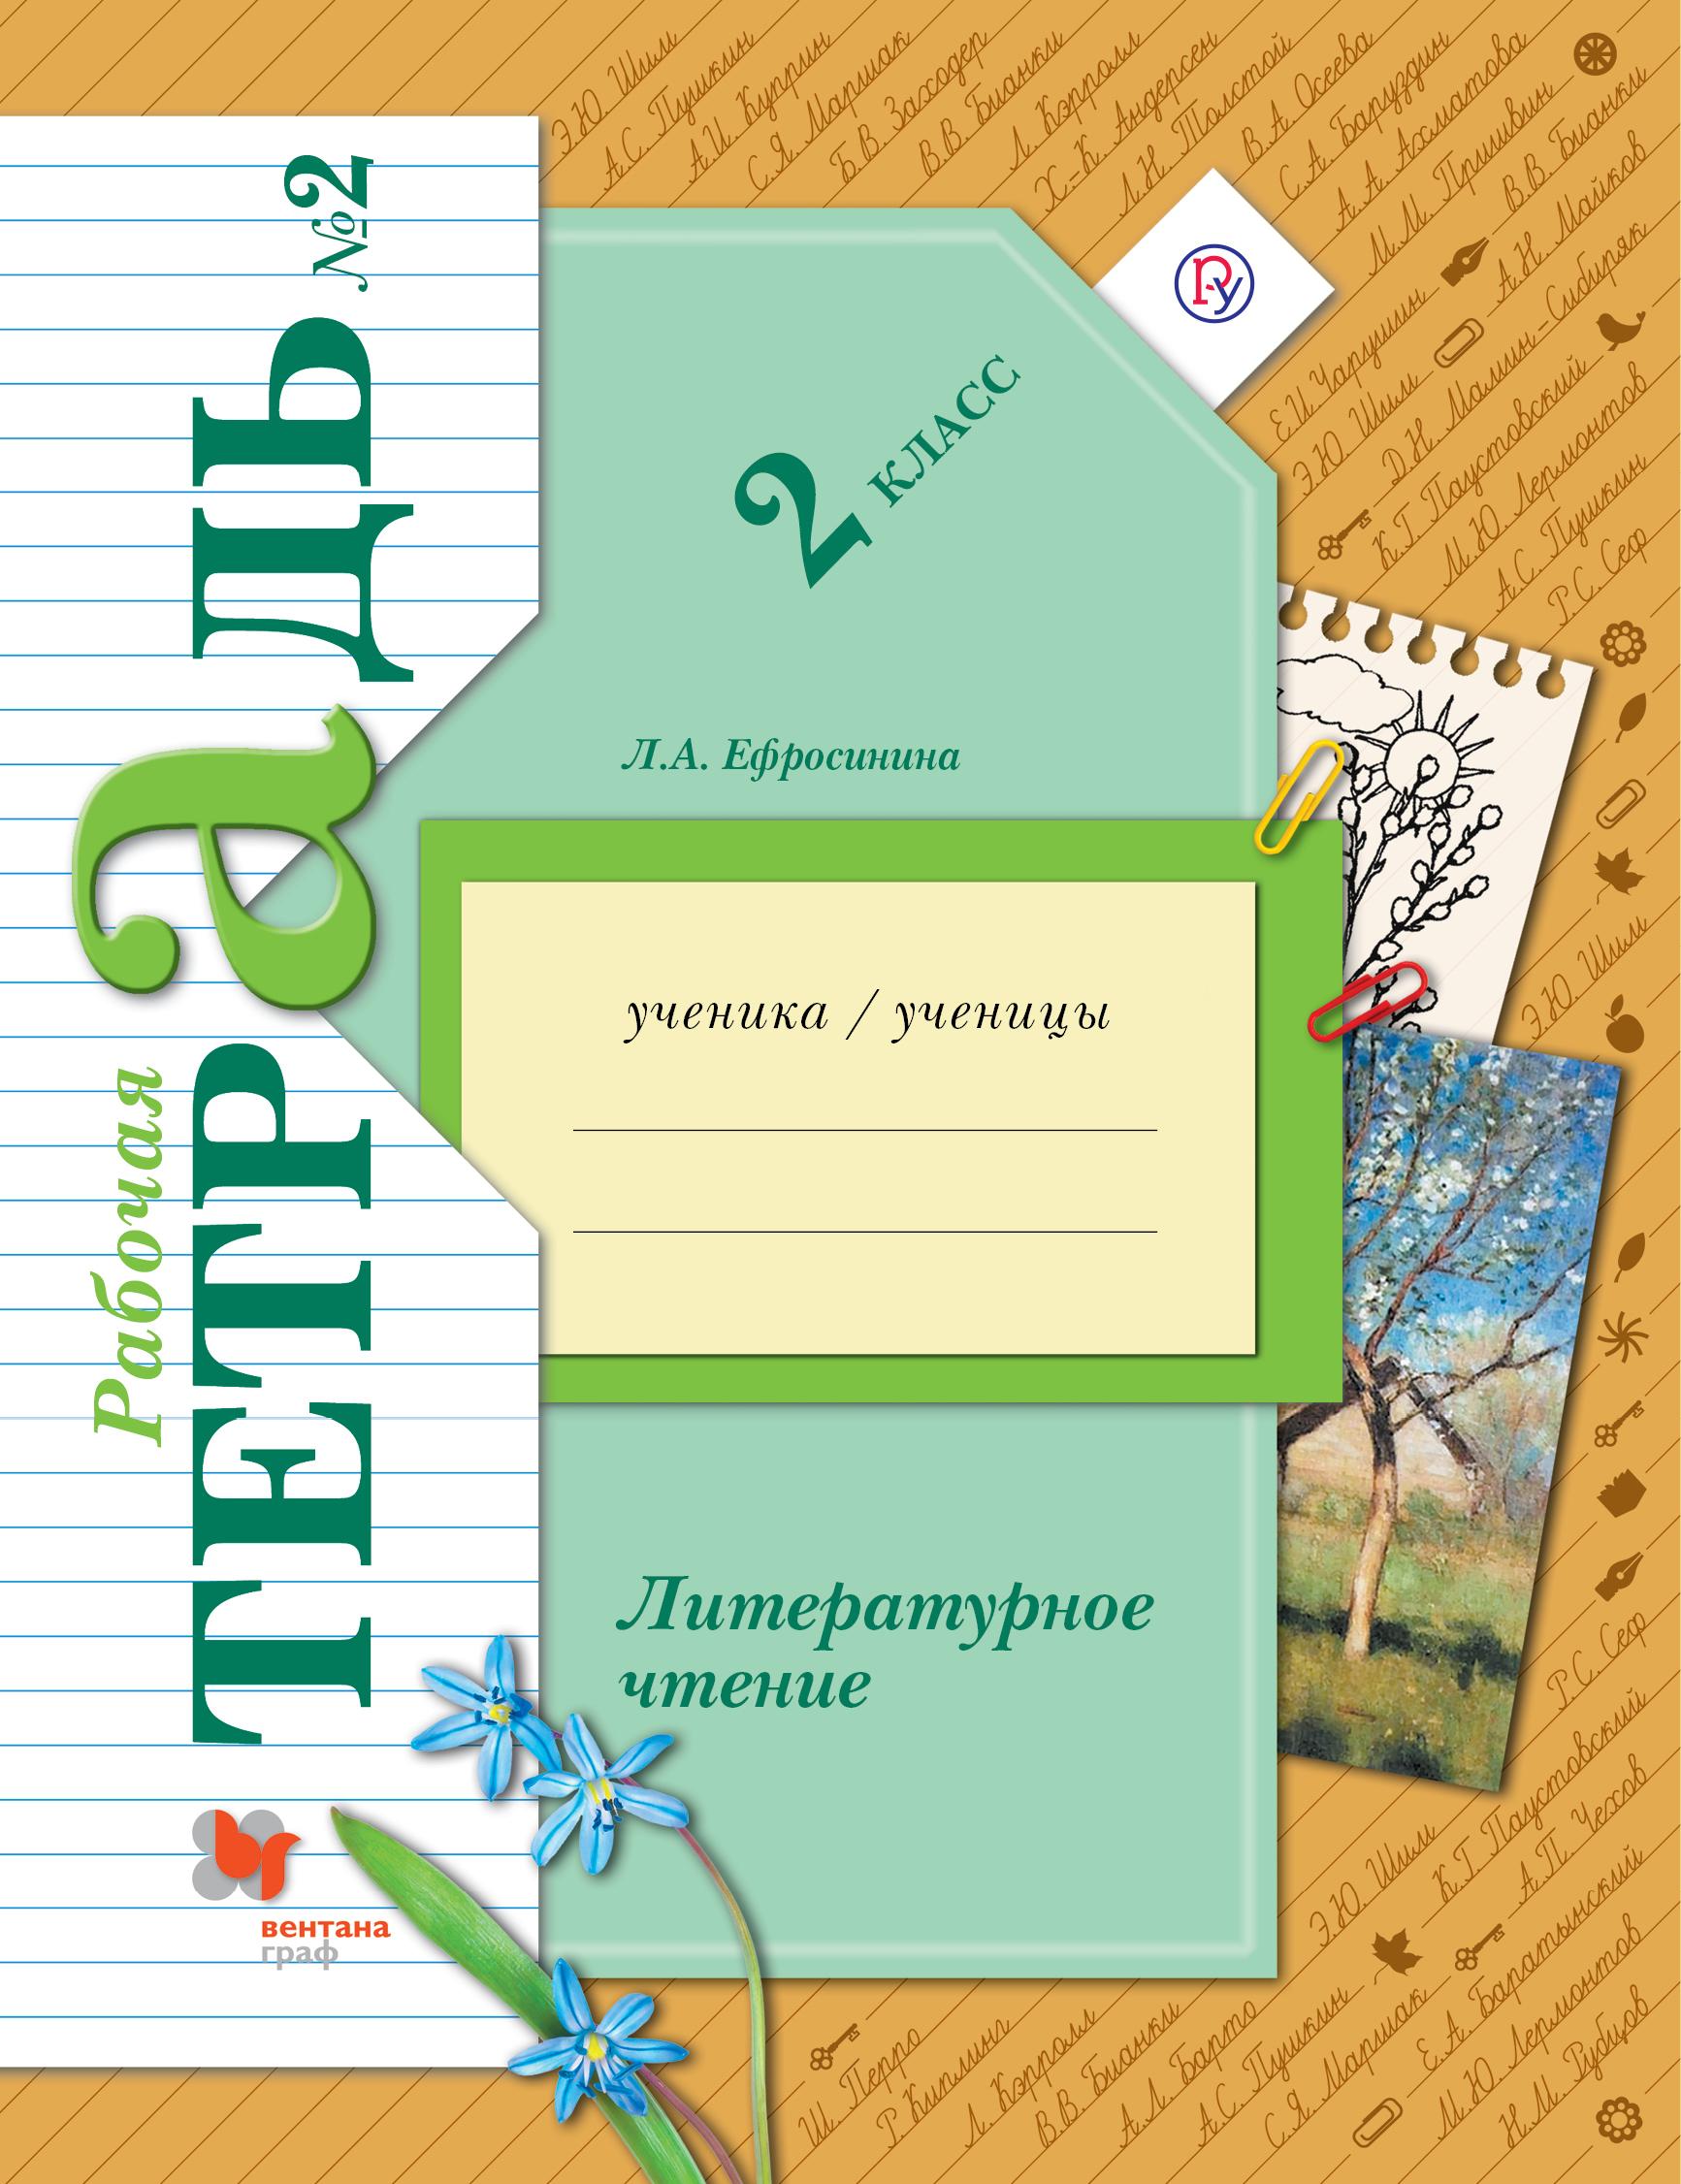 Литературное чтение. 2класс. Рабочая тетрадь № 2 ( Ефросинина Любовь Александровна  )